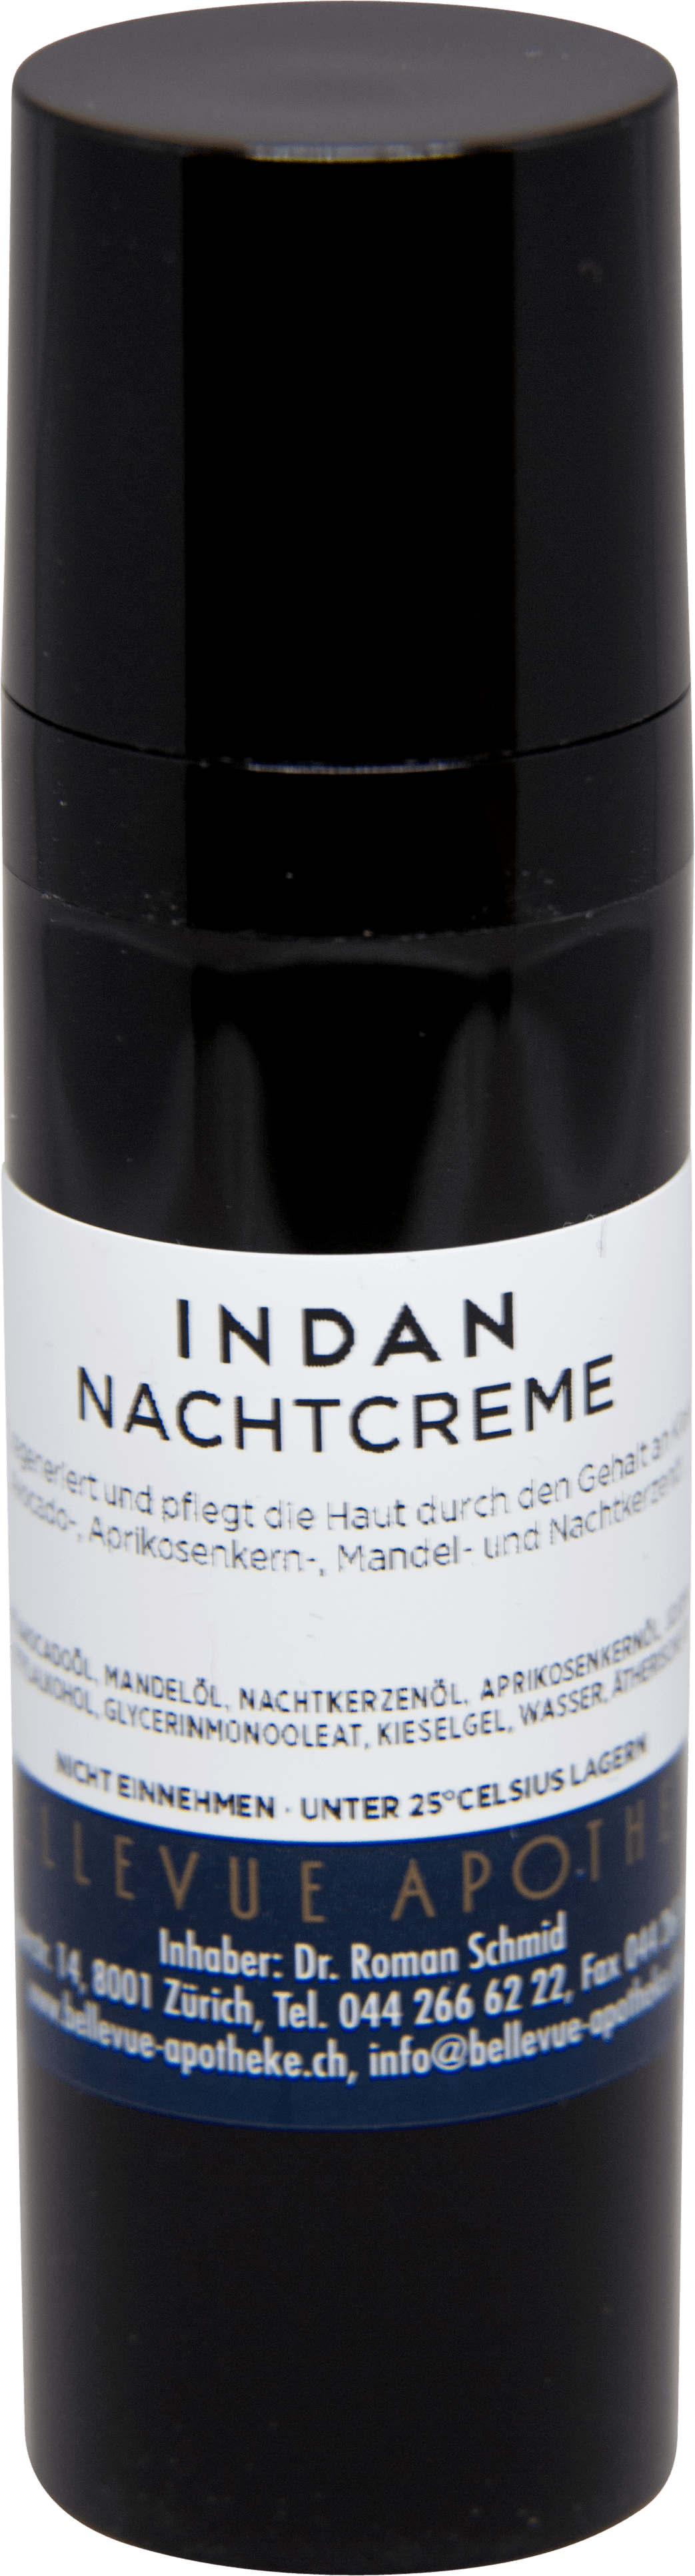 INDAN Nachtcreme · Bellevue Apotheke Zürich